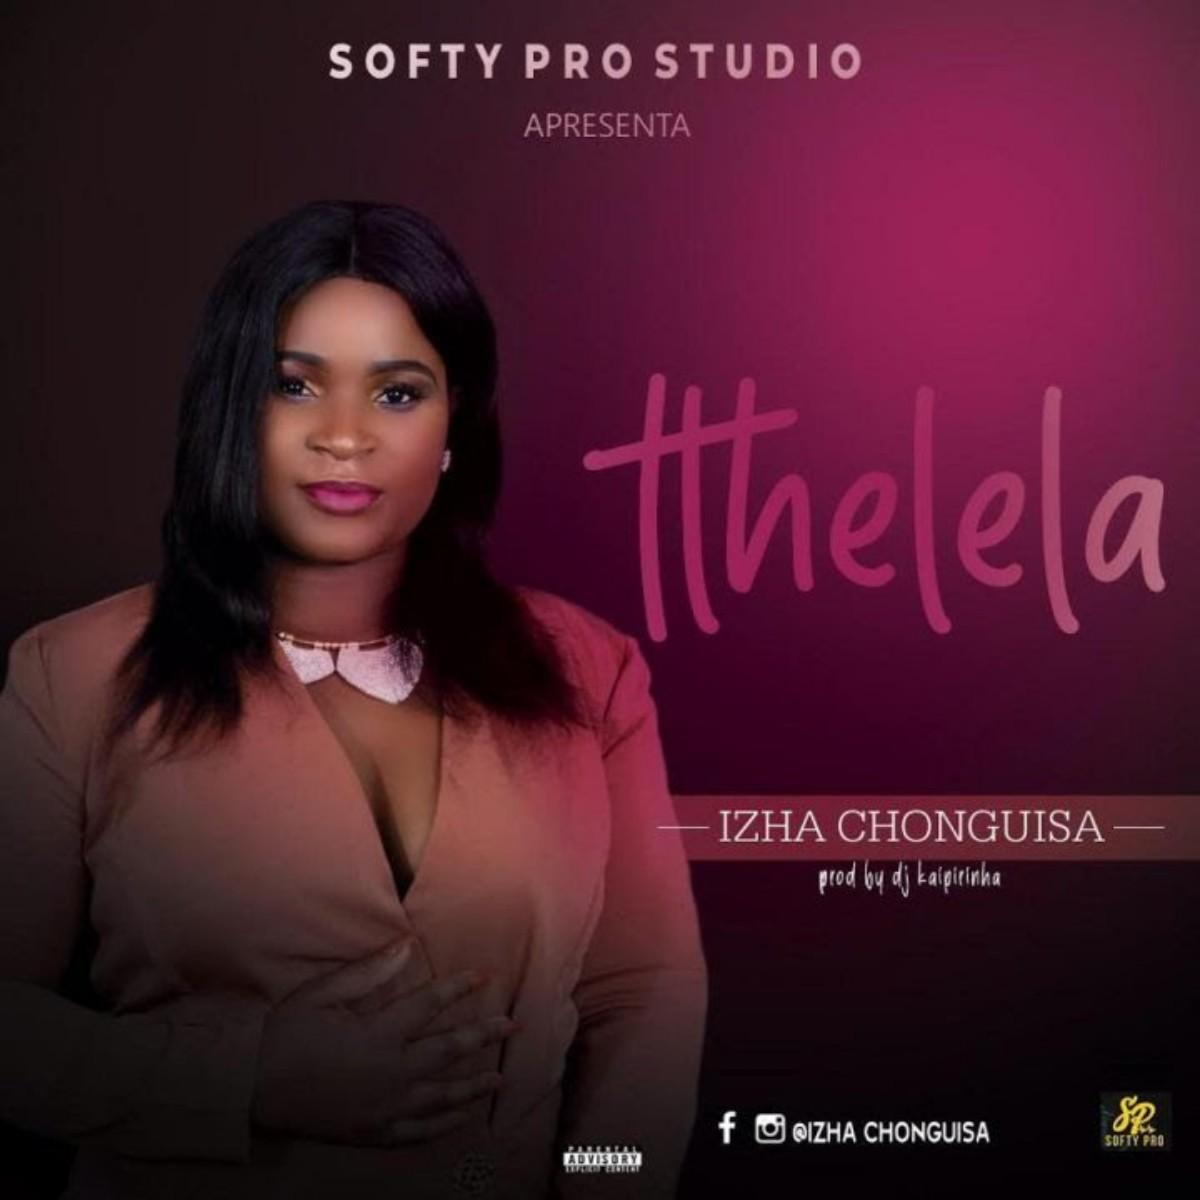 Izha Chonguisa - Tlhelela